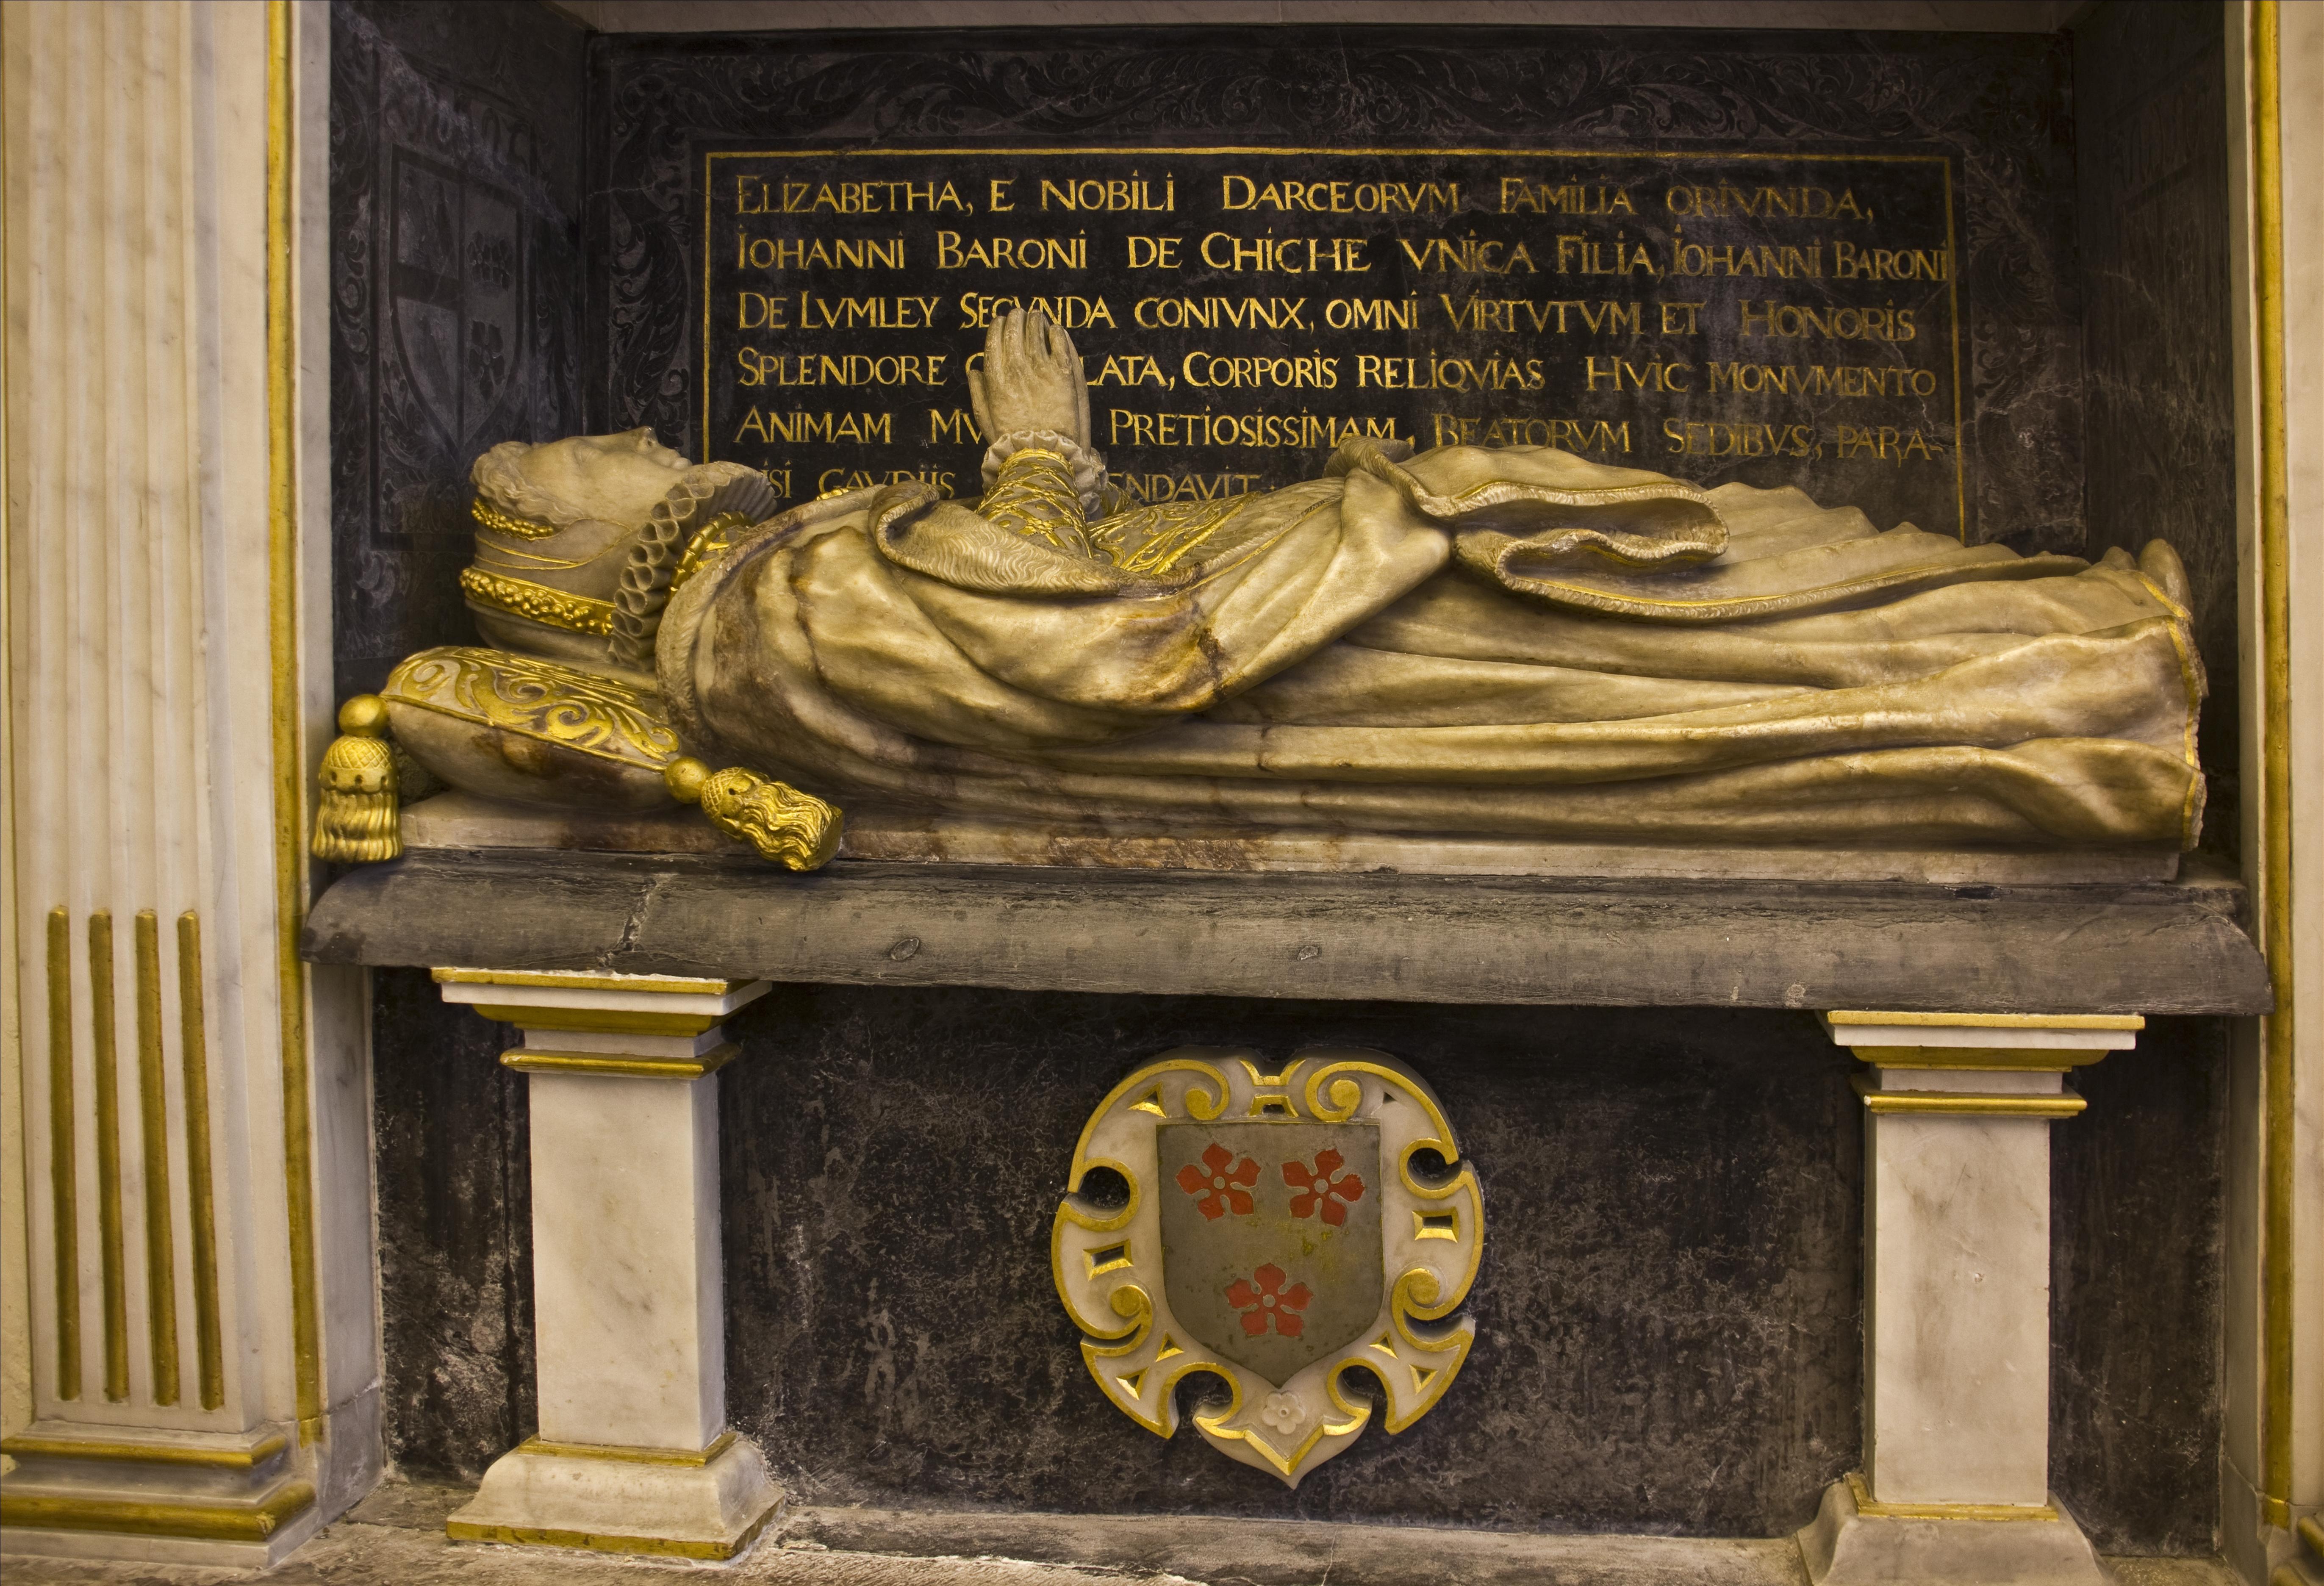 1590 (est) - Elizabeth Darcy Lady Lumley